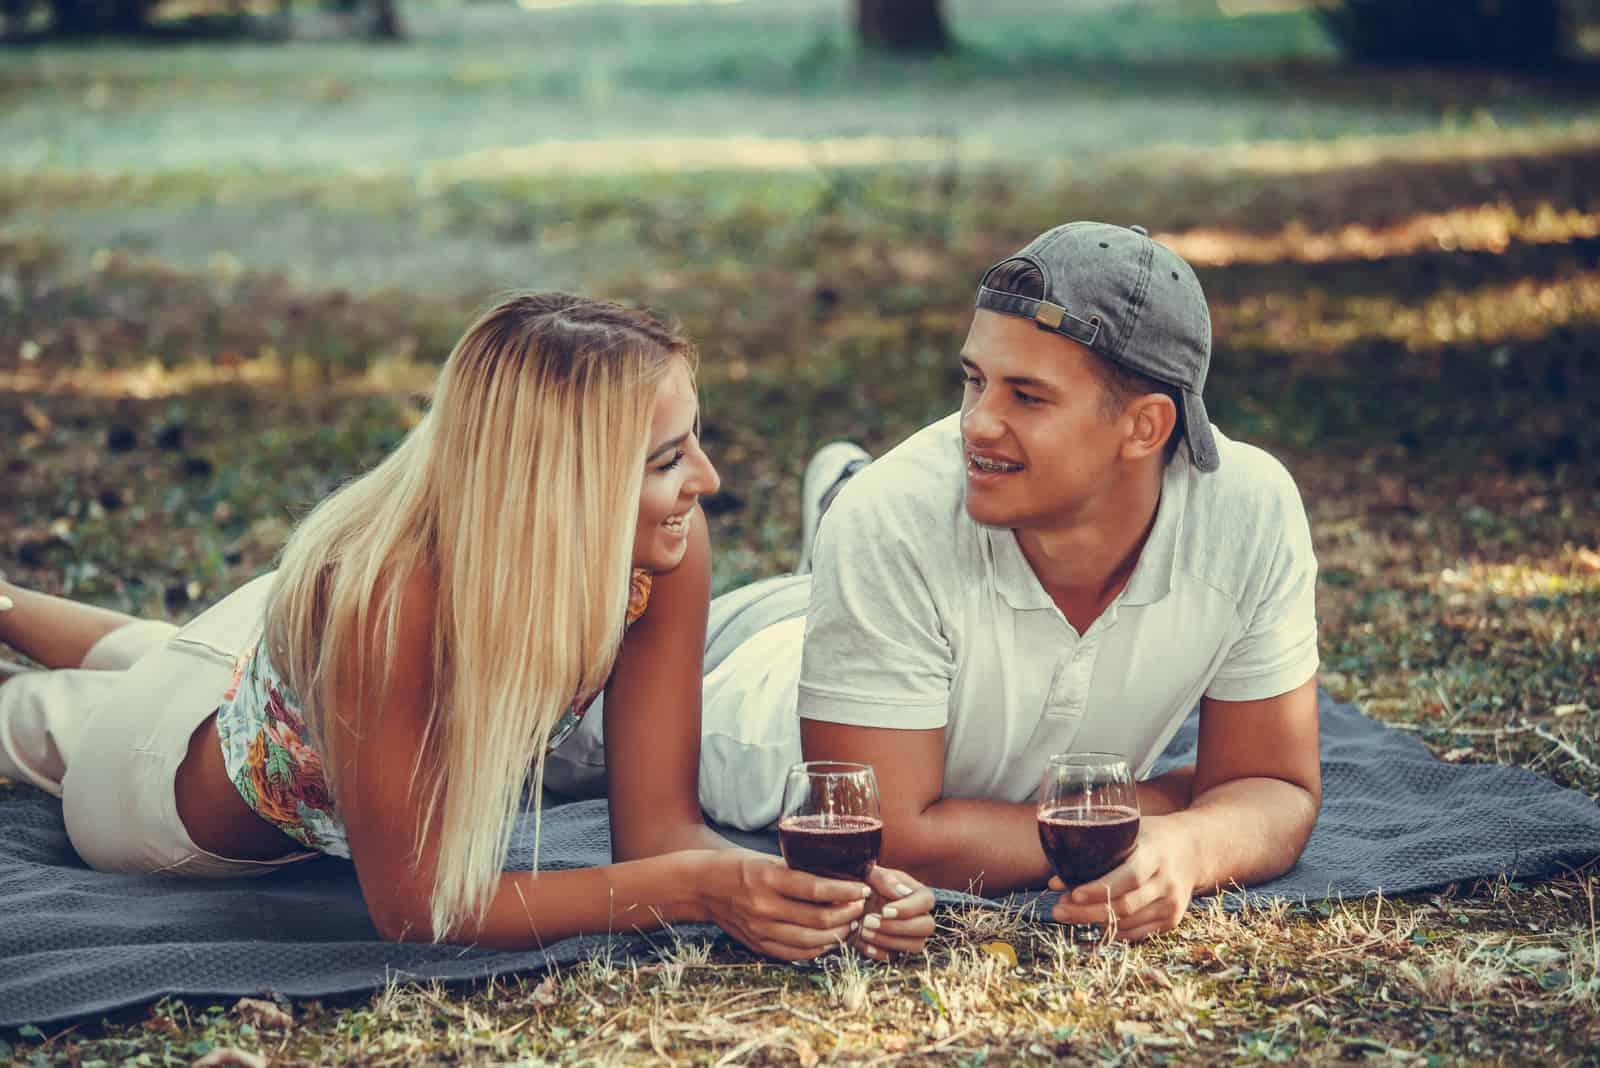 un homme et une femme s'allongent sur l'herbe et boivent du vin